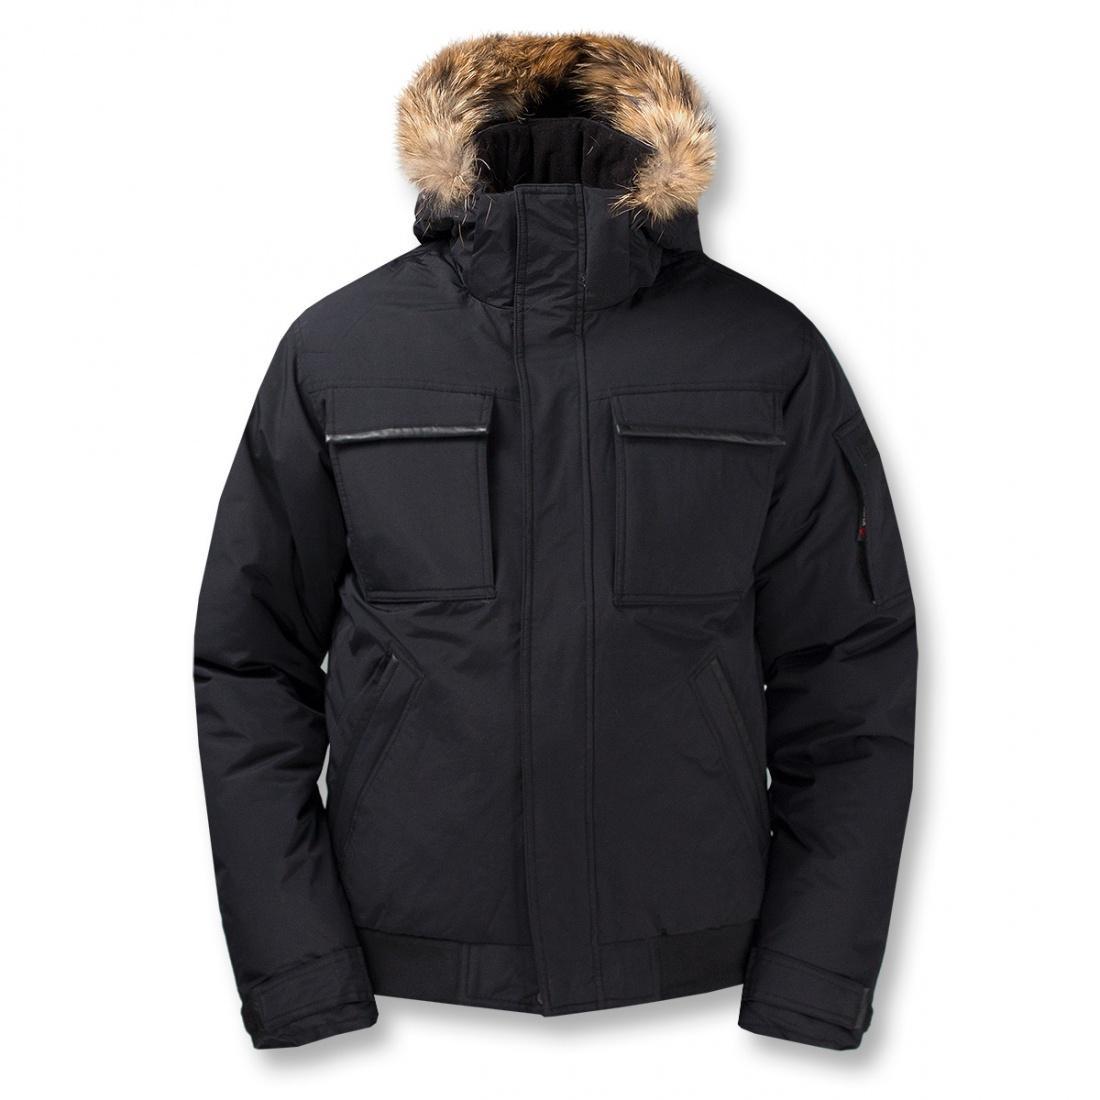 Куртка пуховая Logan IIКуртки<br>Укороченная мужская куртка с гусиным пухом. Непромокаемая верхняя мембранная ткань куртки для защиты пуха от влаги и укрепления теплозащи...<br><br>Цвет: Черный<br>Размер: 60